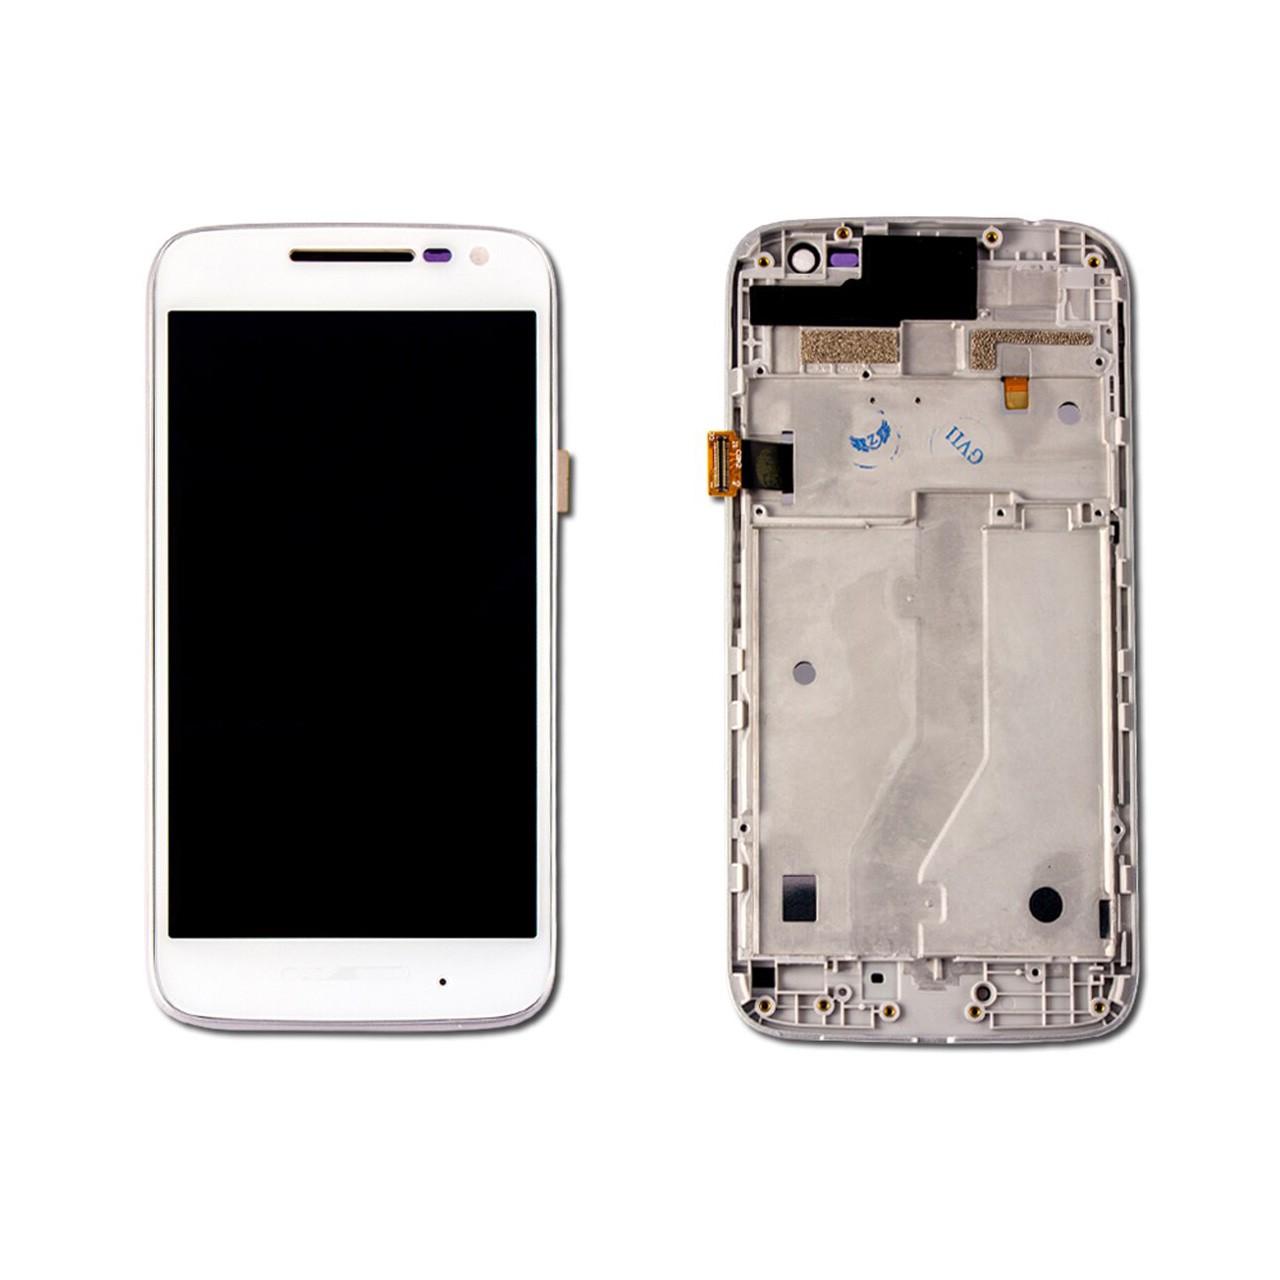 Tela Frontal Motorola Moto G4 Play XT1600 XT1603 C/ Aro Branco